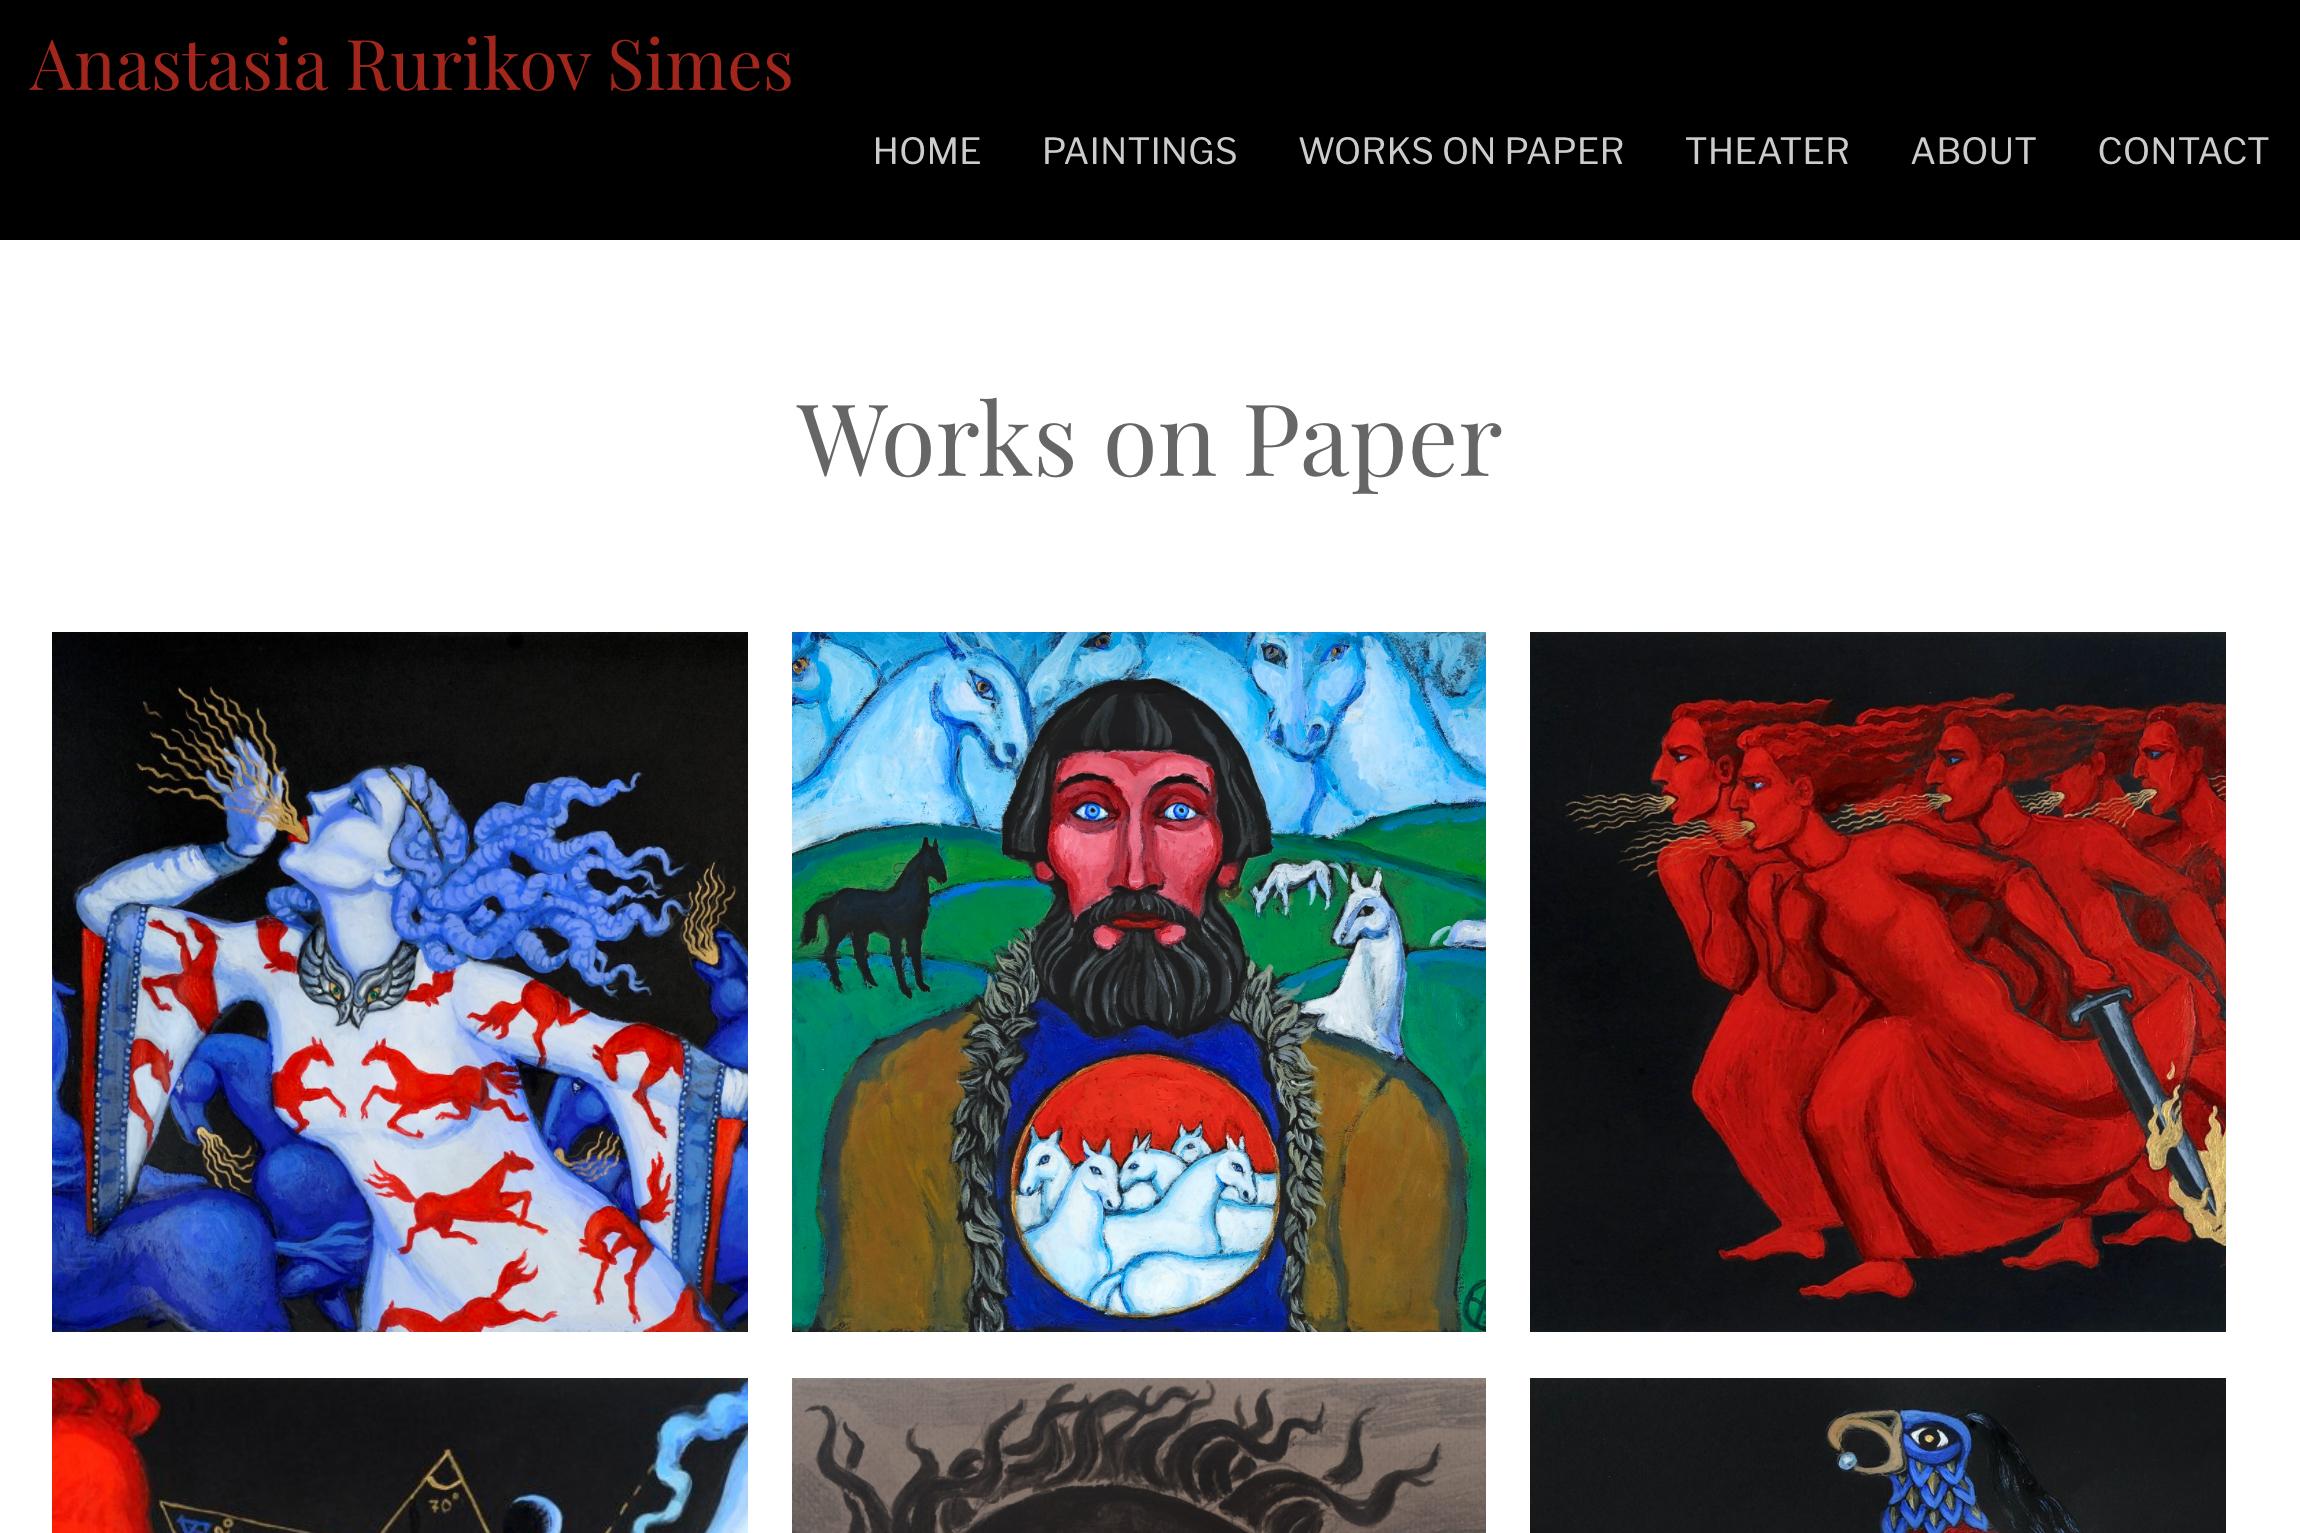 website design for an artist